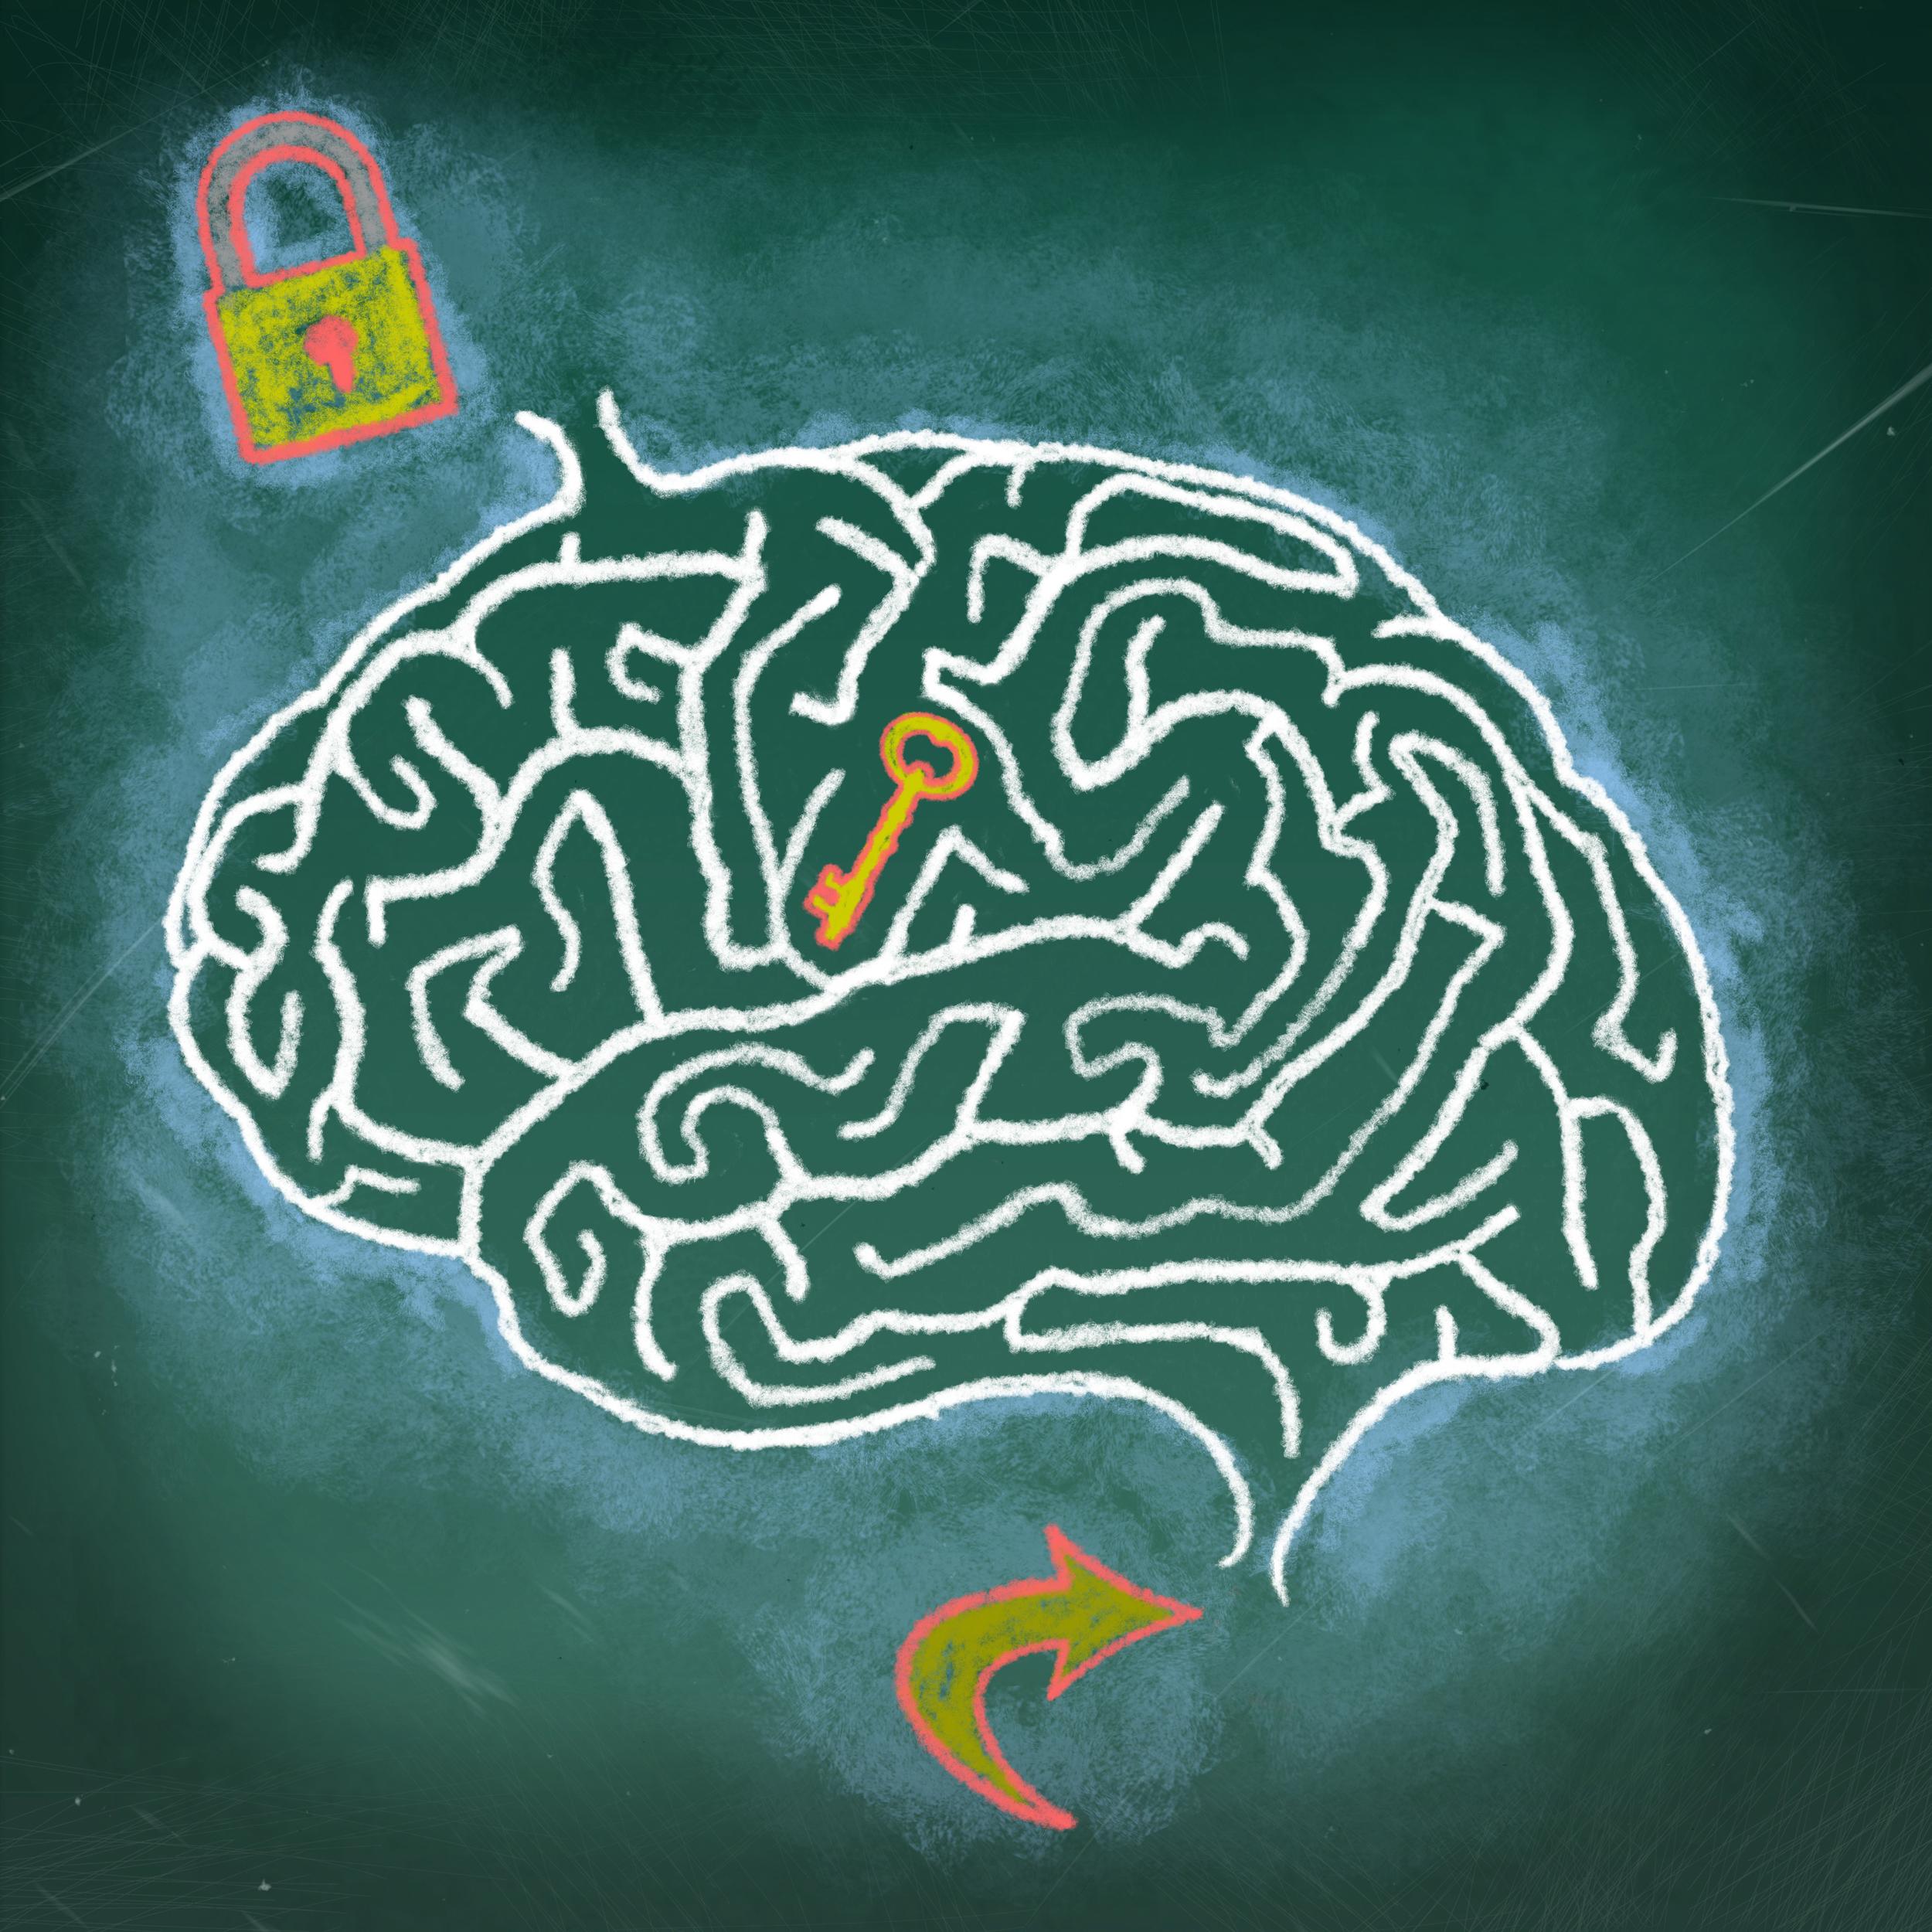 картинки мозг лабиринте зал хинкал